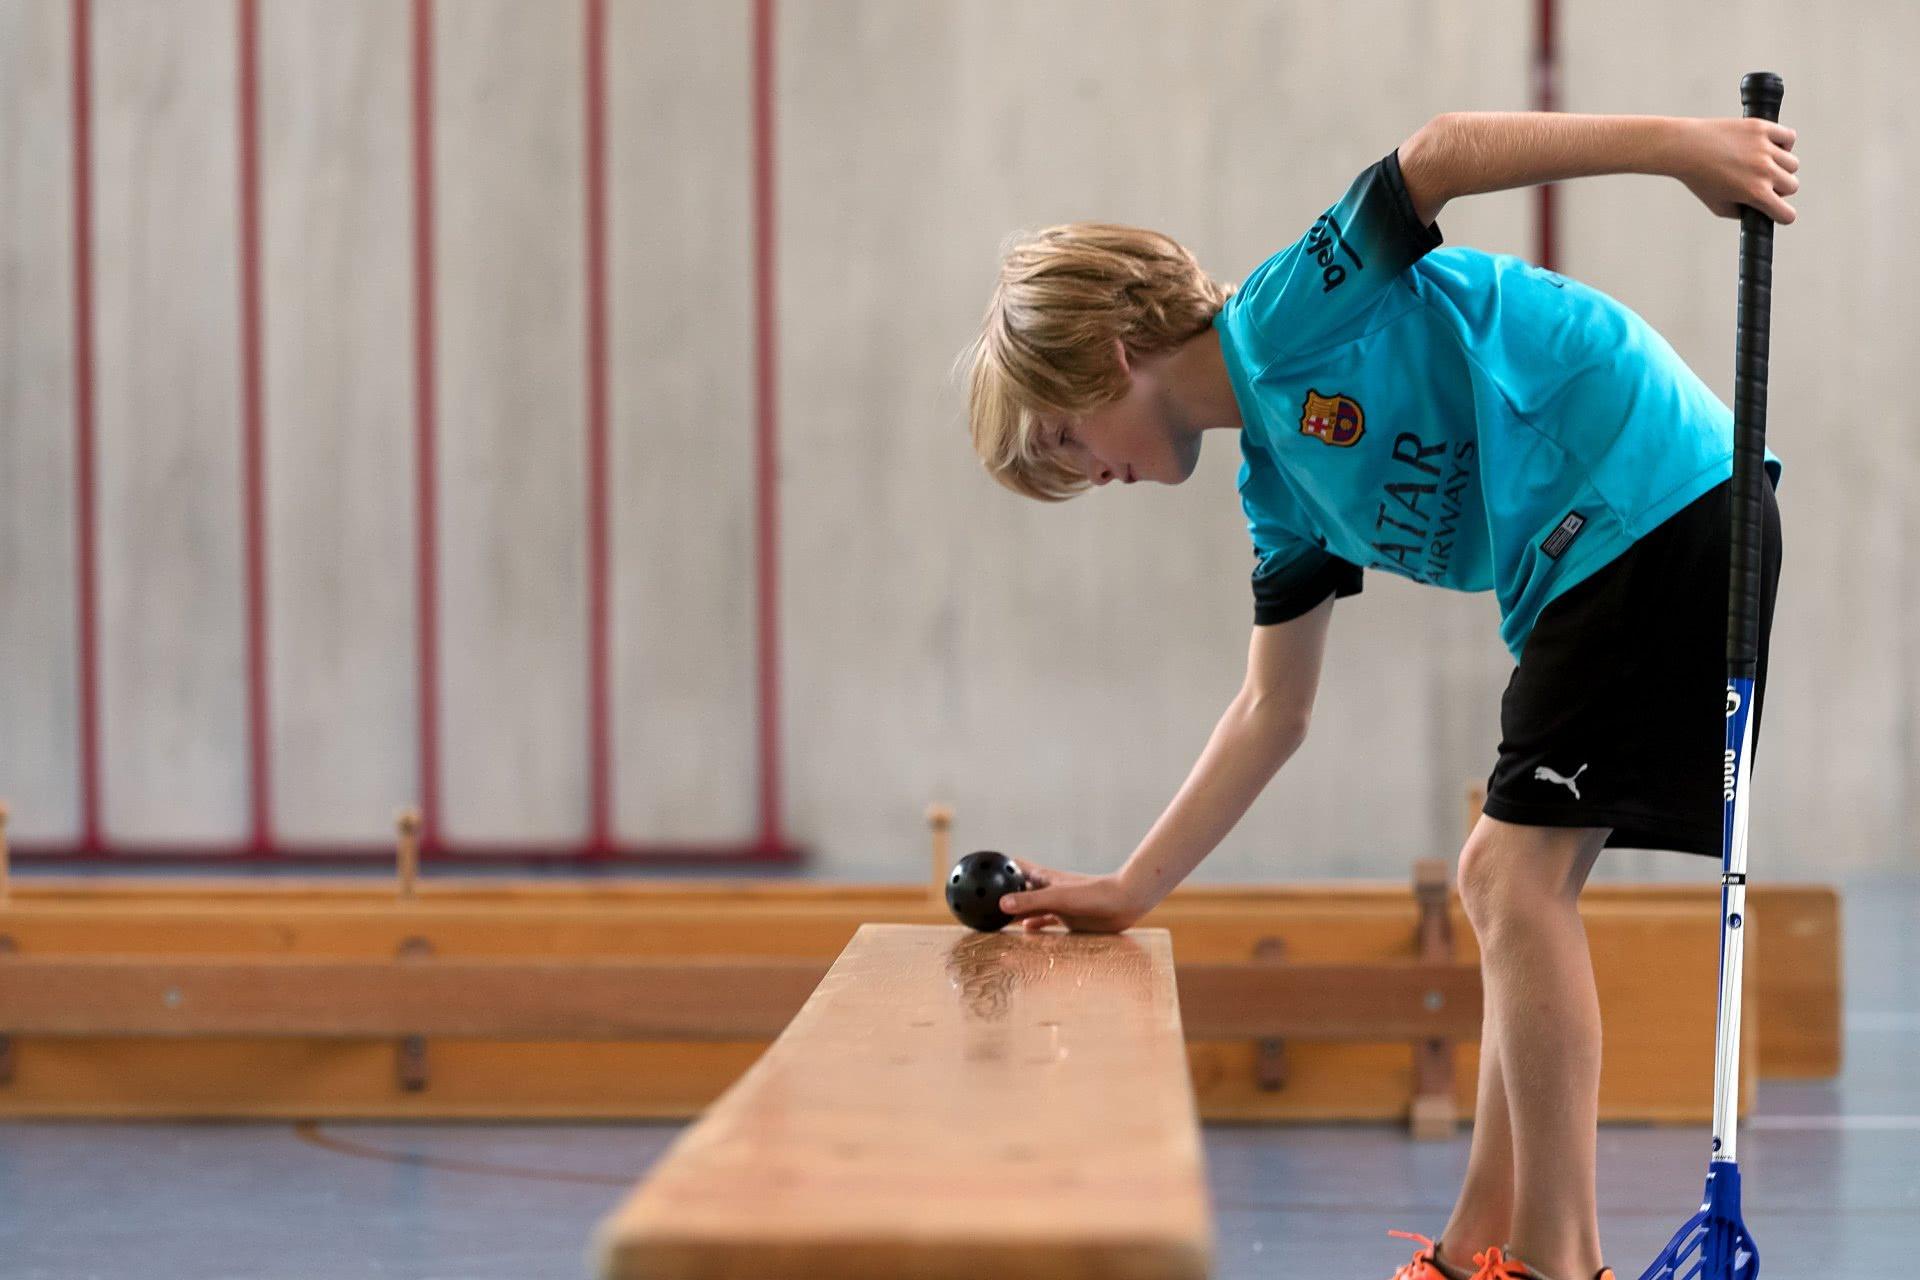 Un enfant pose une balle de minigolf sur un banc suédois.